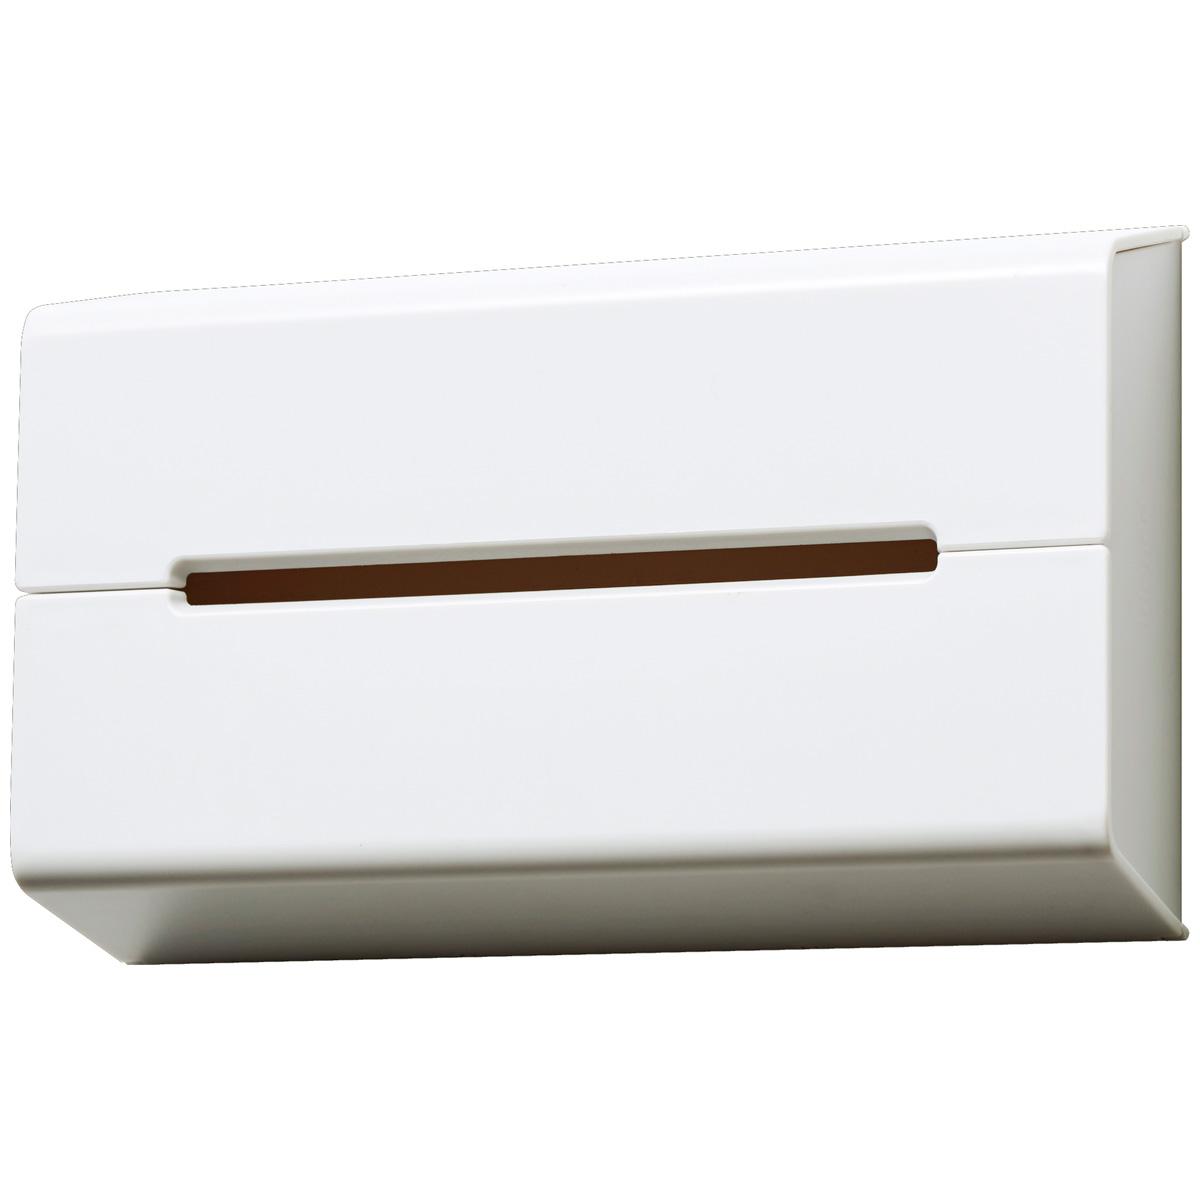 送料無料 ideacoのティッシュケース WALL 壁掛けティッシュケースがおしゃれ ティッシュケース ideaco 壁掛けティッシュケース ウォール オシャレ 期間限定今なら送料無料 ティッシュボックス ホワイト イデアコ ティッシュカバー 予約 人気